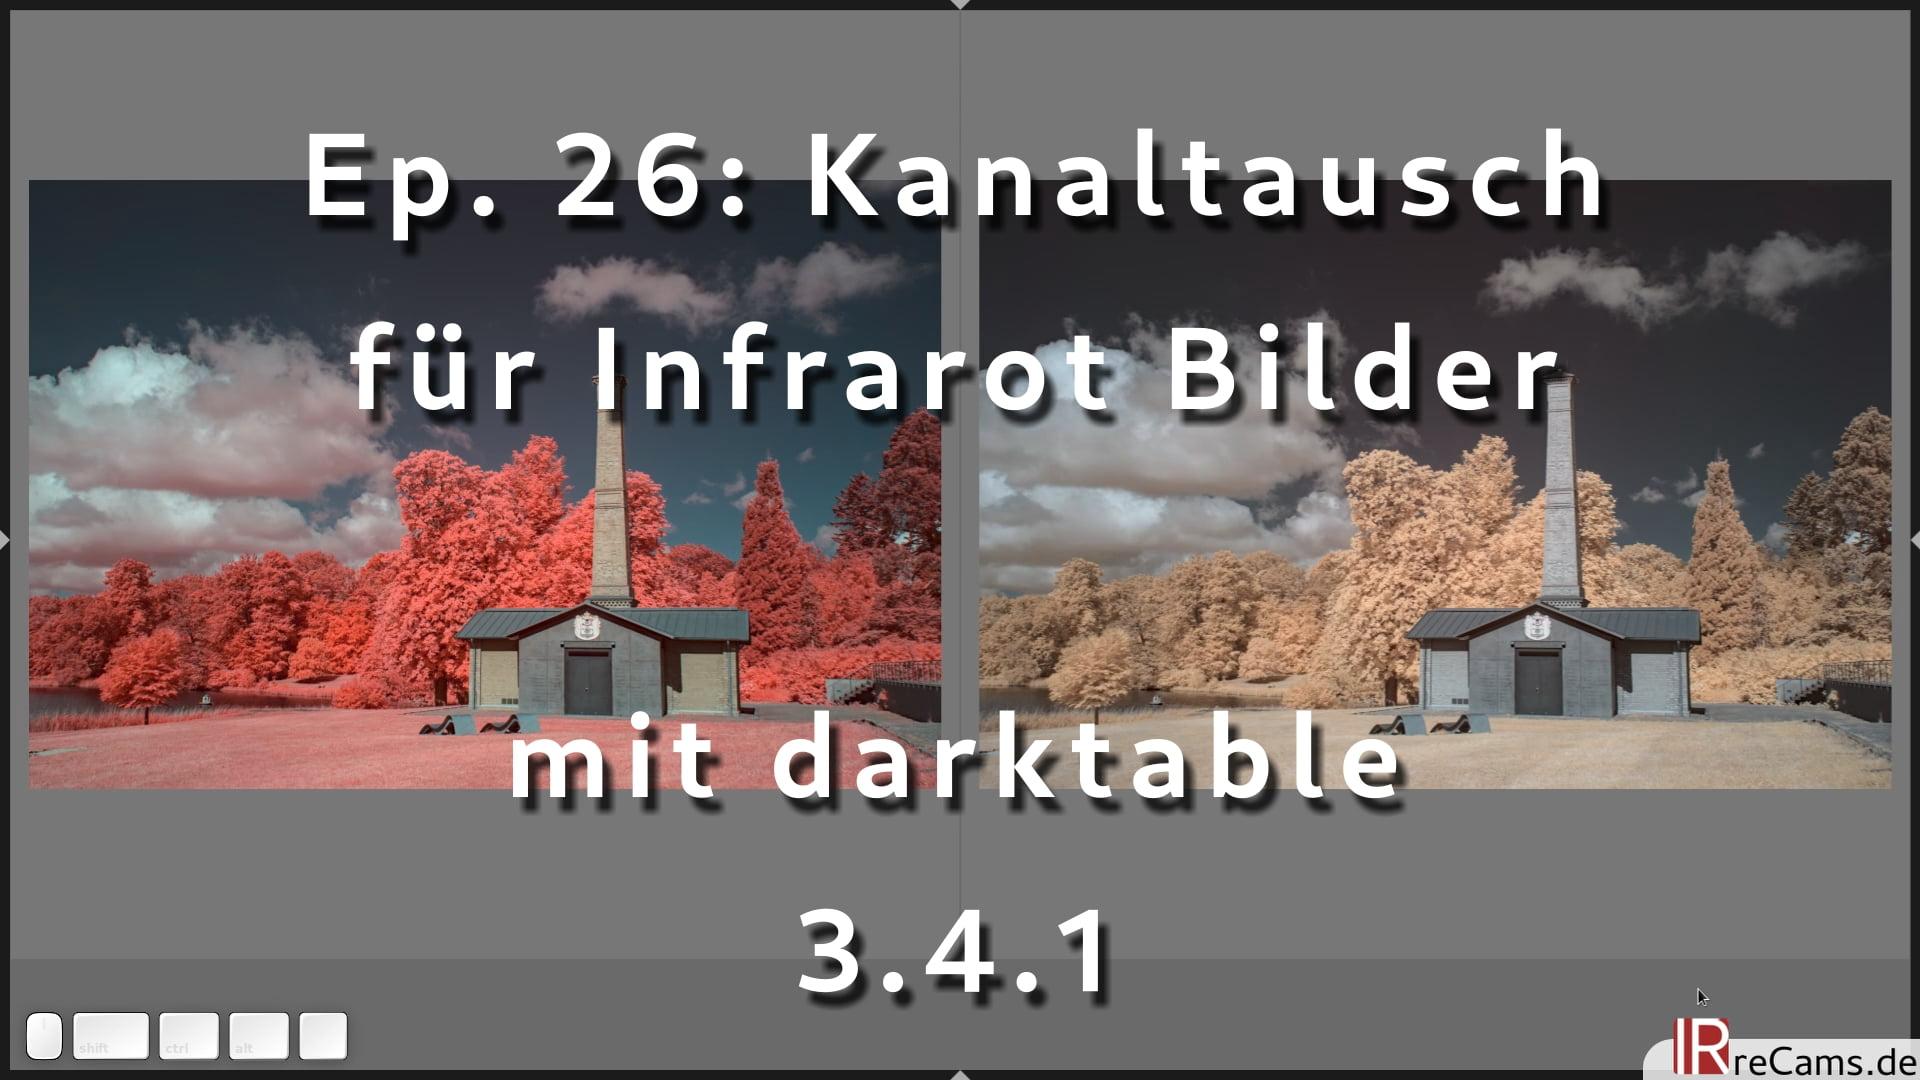 Ep. 26: Kanaltausch für Infrarot Bilder mit darktable 3.4.1 und dem Modul Farbkalibrierung